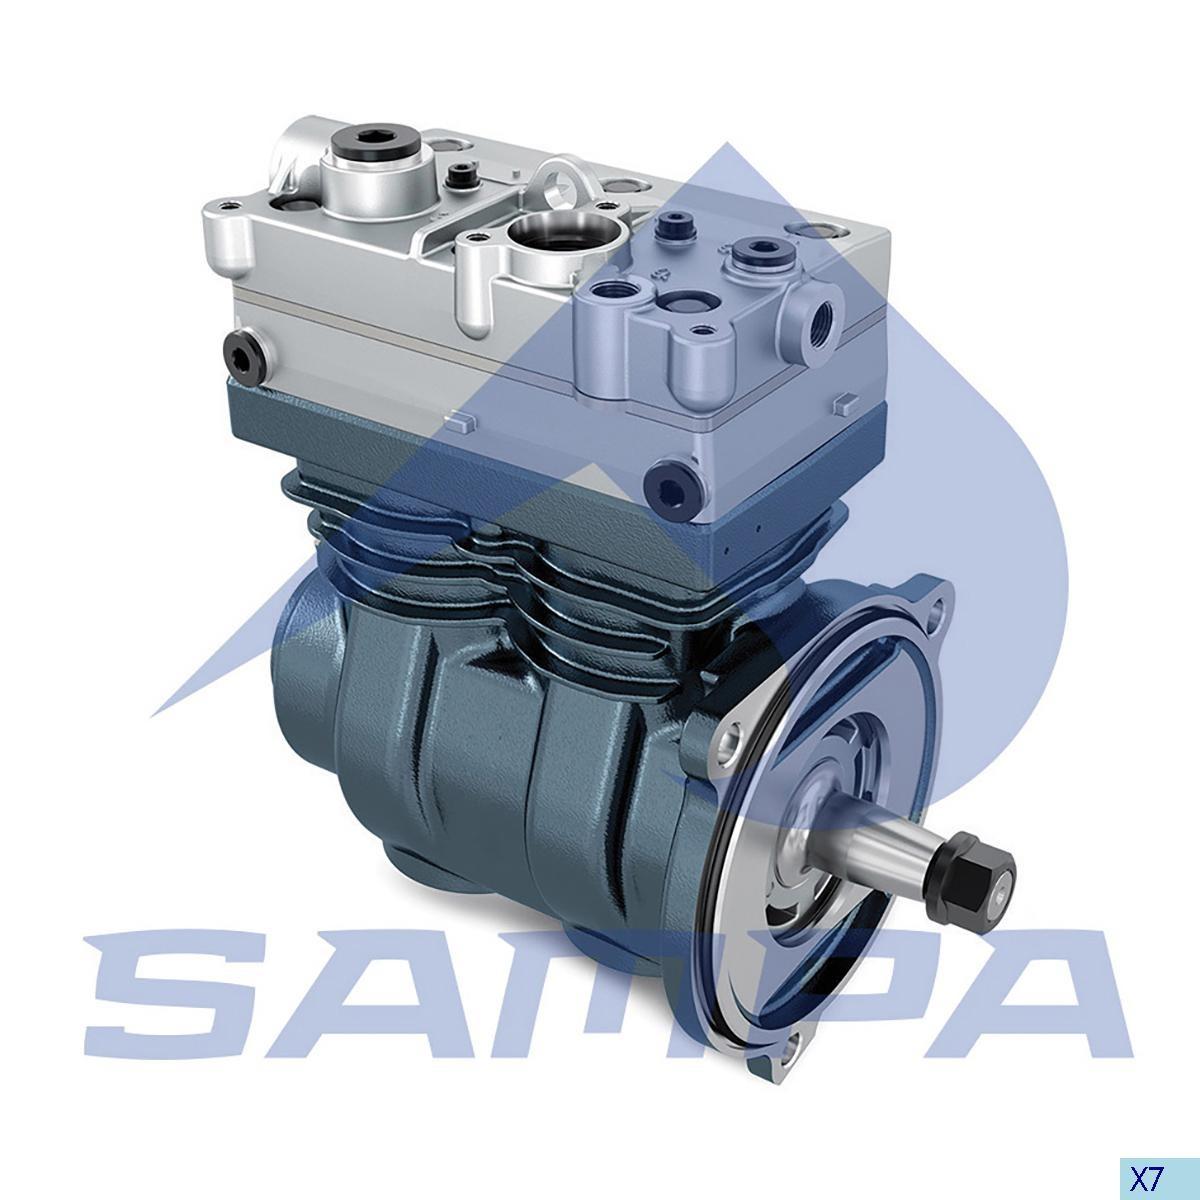 Compressor  W9125120040 (Volvo FH12 Euro 5) photo